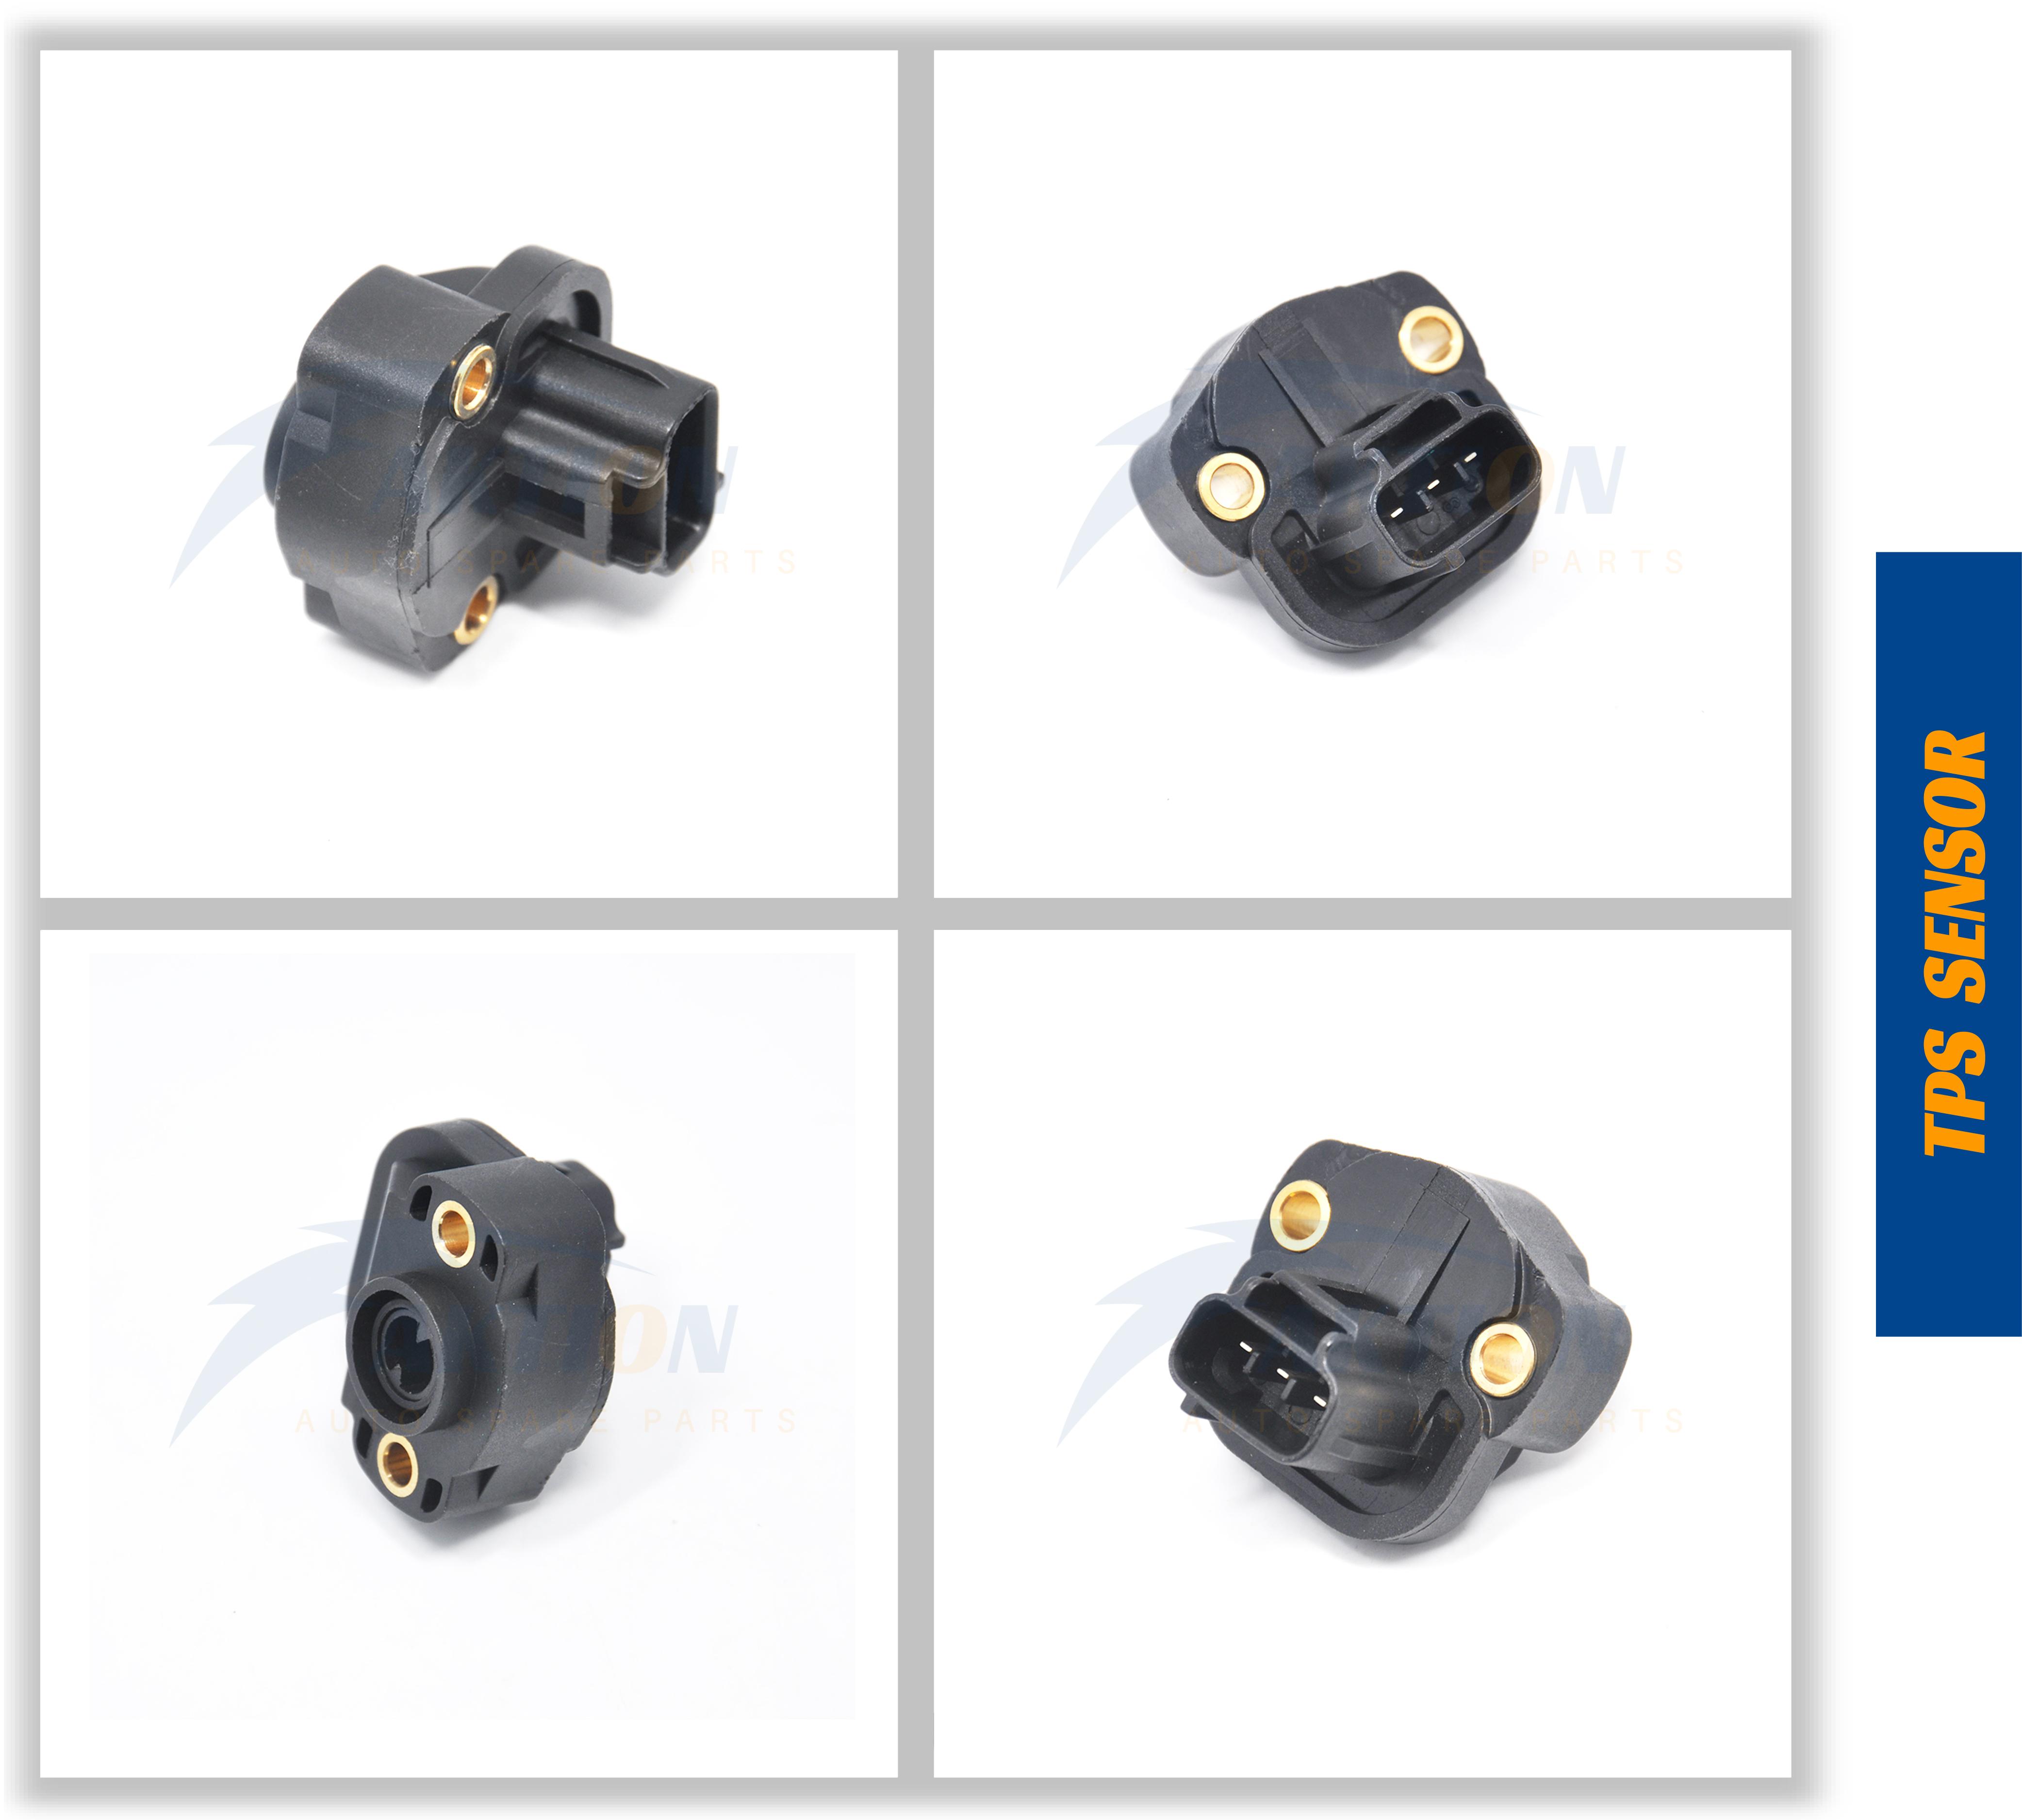 Standard TH264 TPS Throttle Position Sensor-